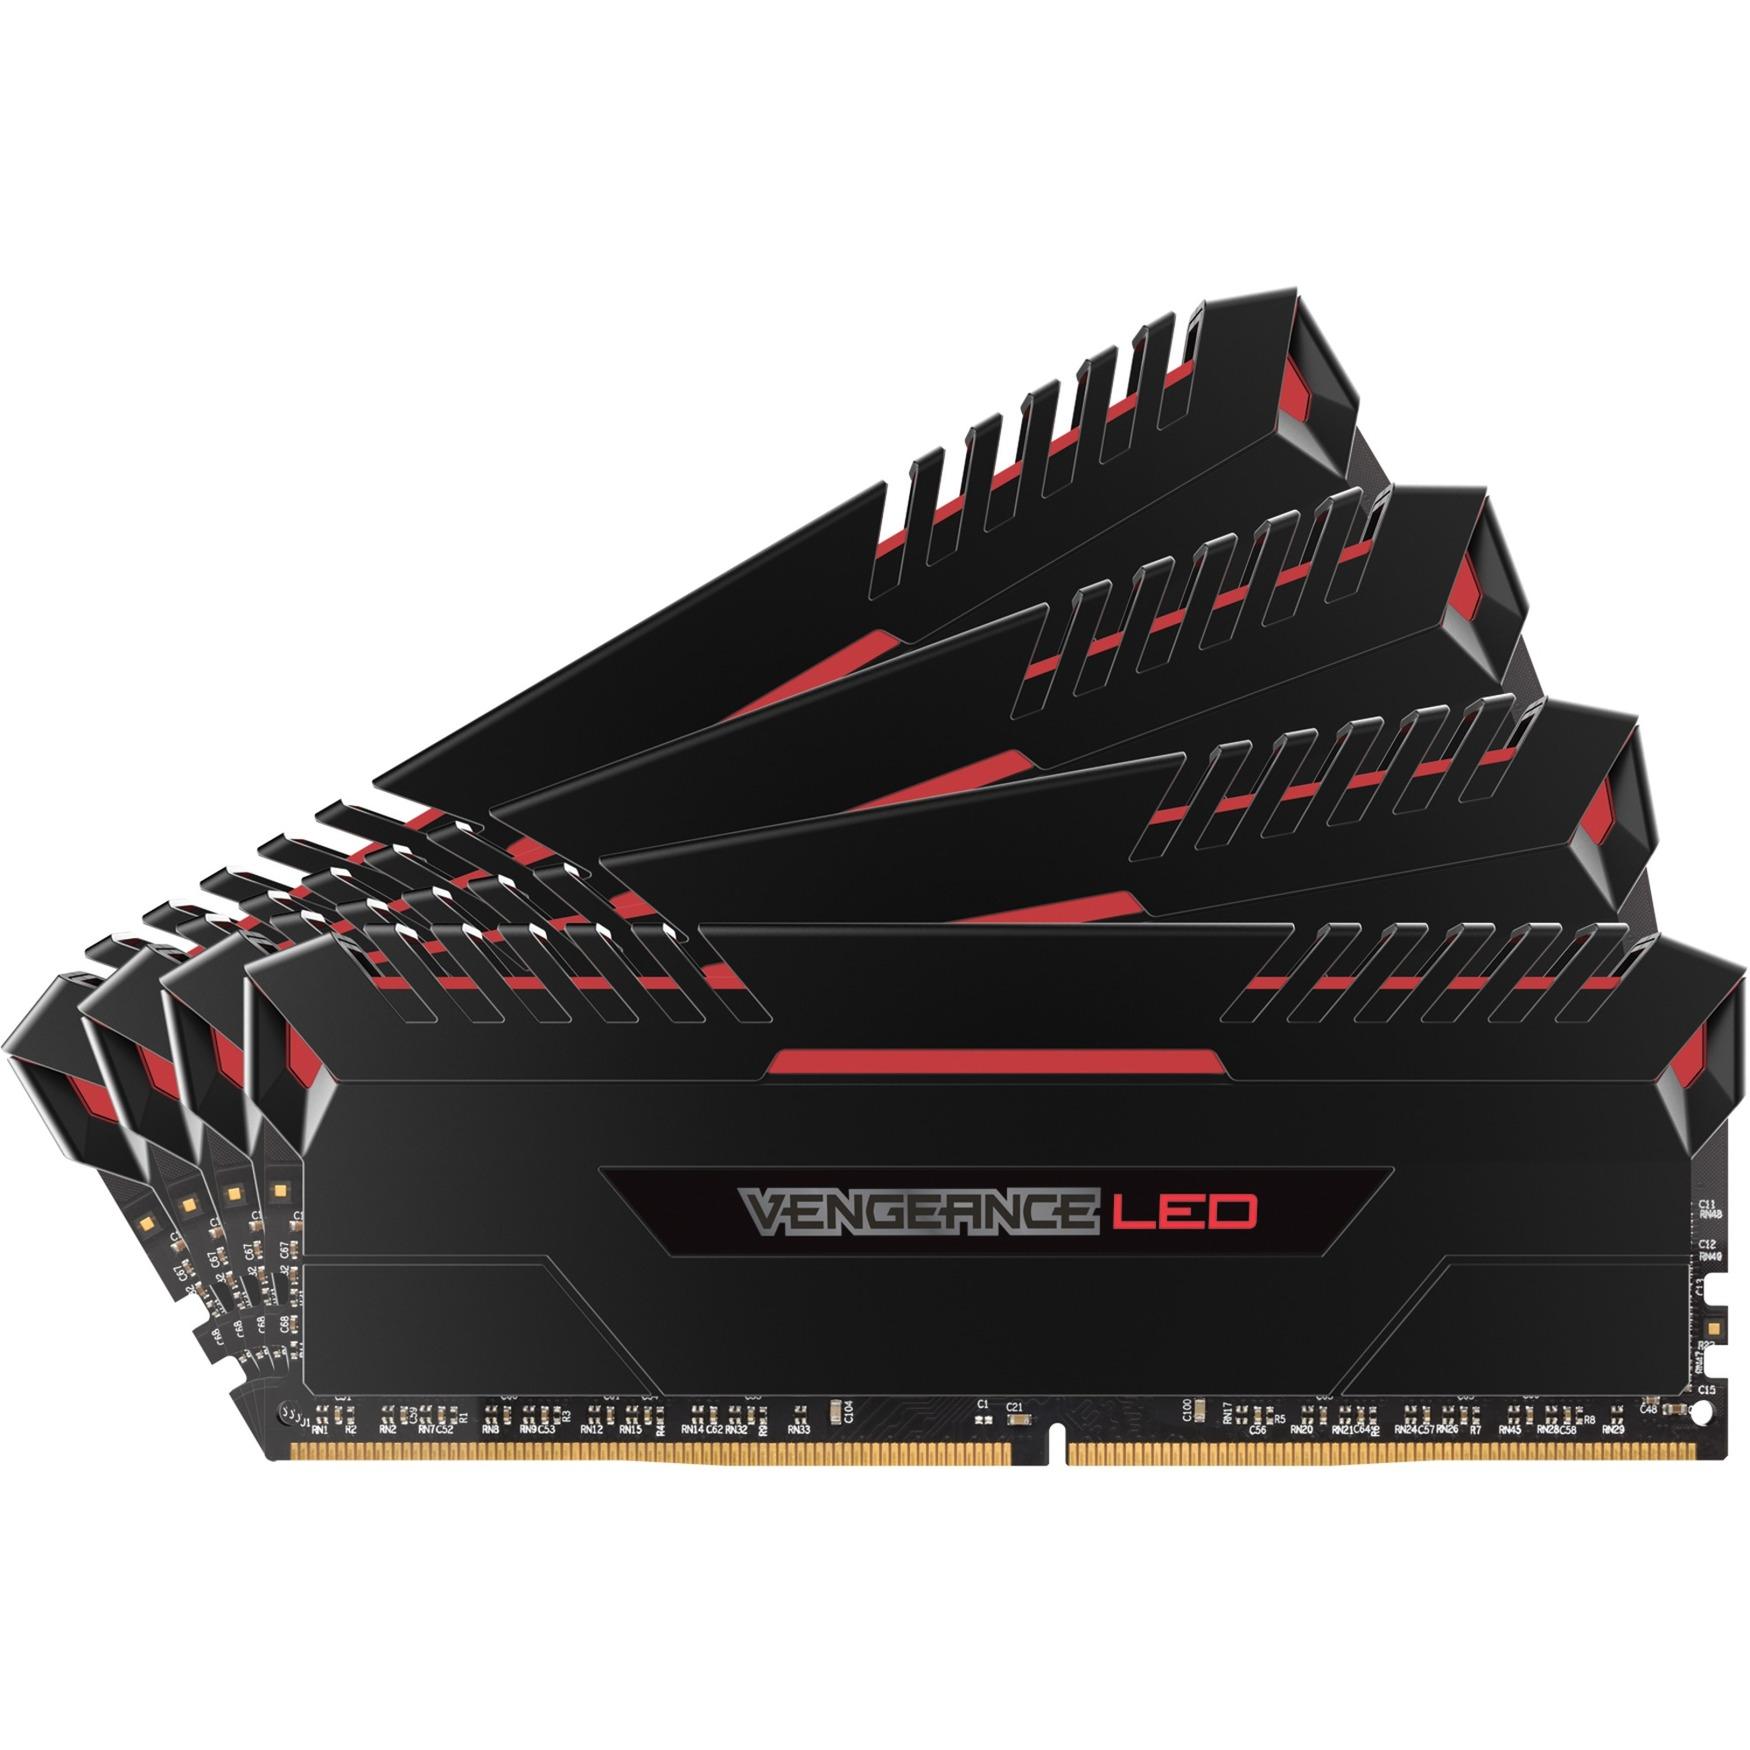 Vengeance LED, 32 GB, DDR4, 3200 MHz 32Go DDR4 3200MHz module de mémoire